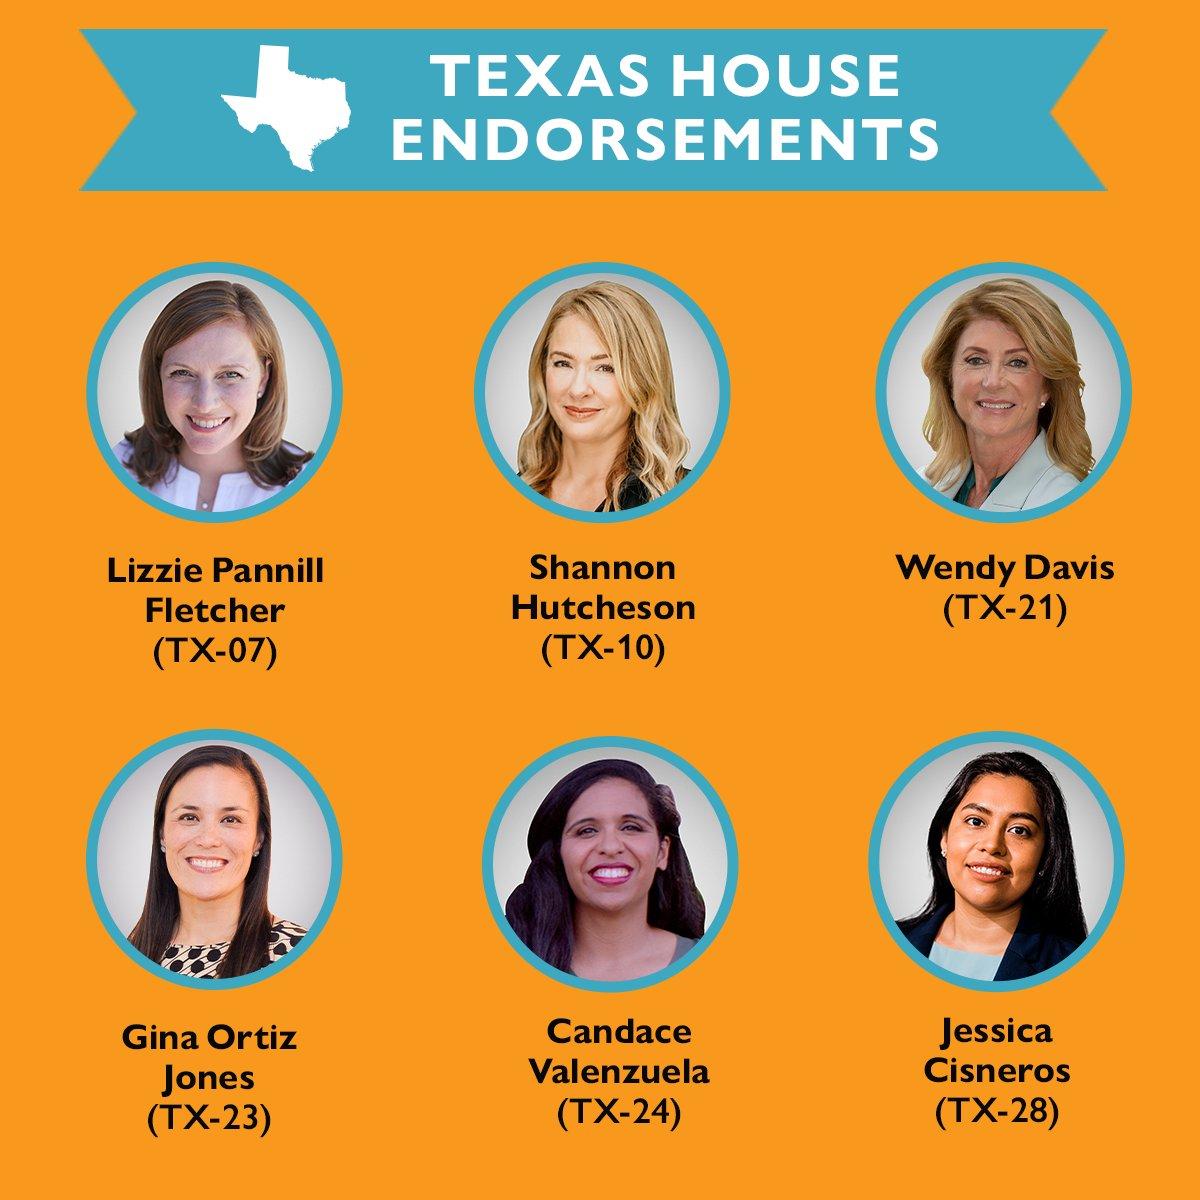 Texas is a key battleground state in 2020! We need to elect @JCisnerosTX, @wendydavis, @GinaOrtizJones, @Lizzie4Congress, @candacefor24, & @Shannon4Texas.